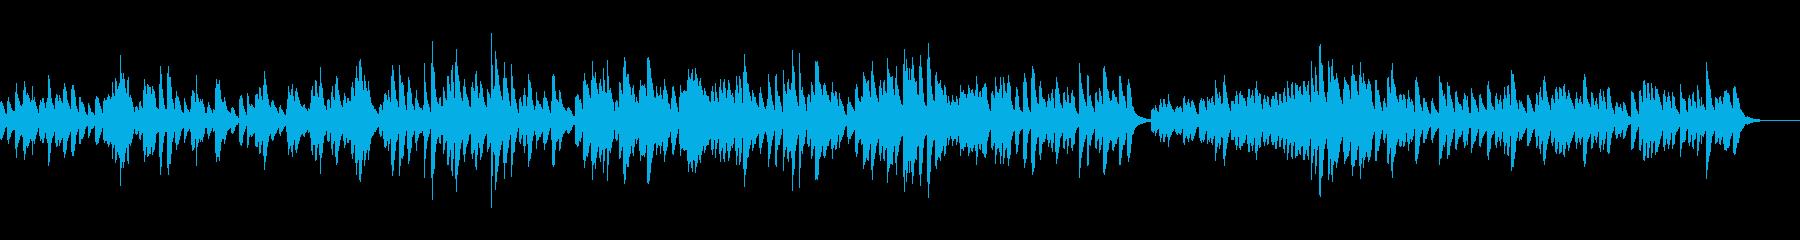 優しく可愛いオルゴール曲の再生済みの波形